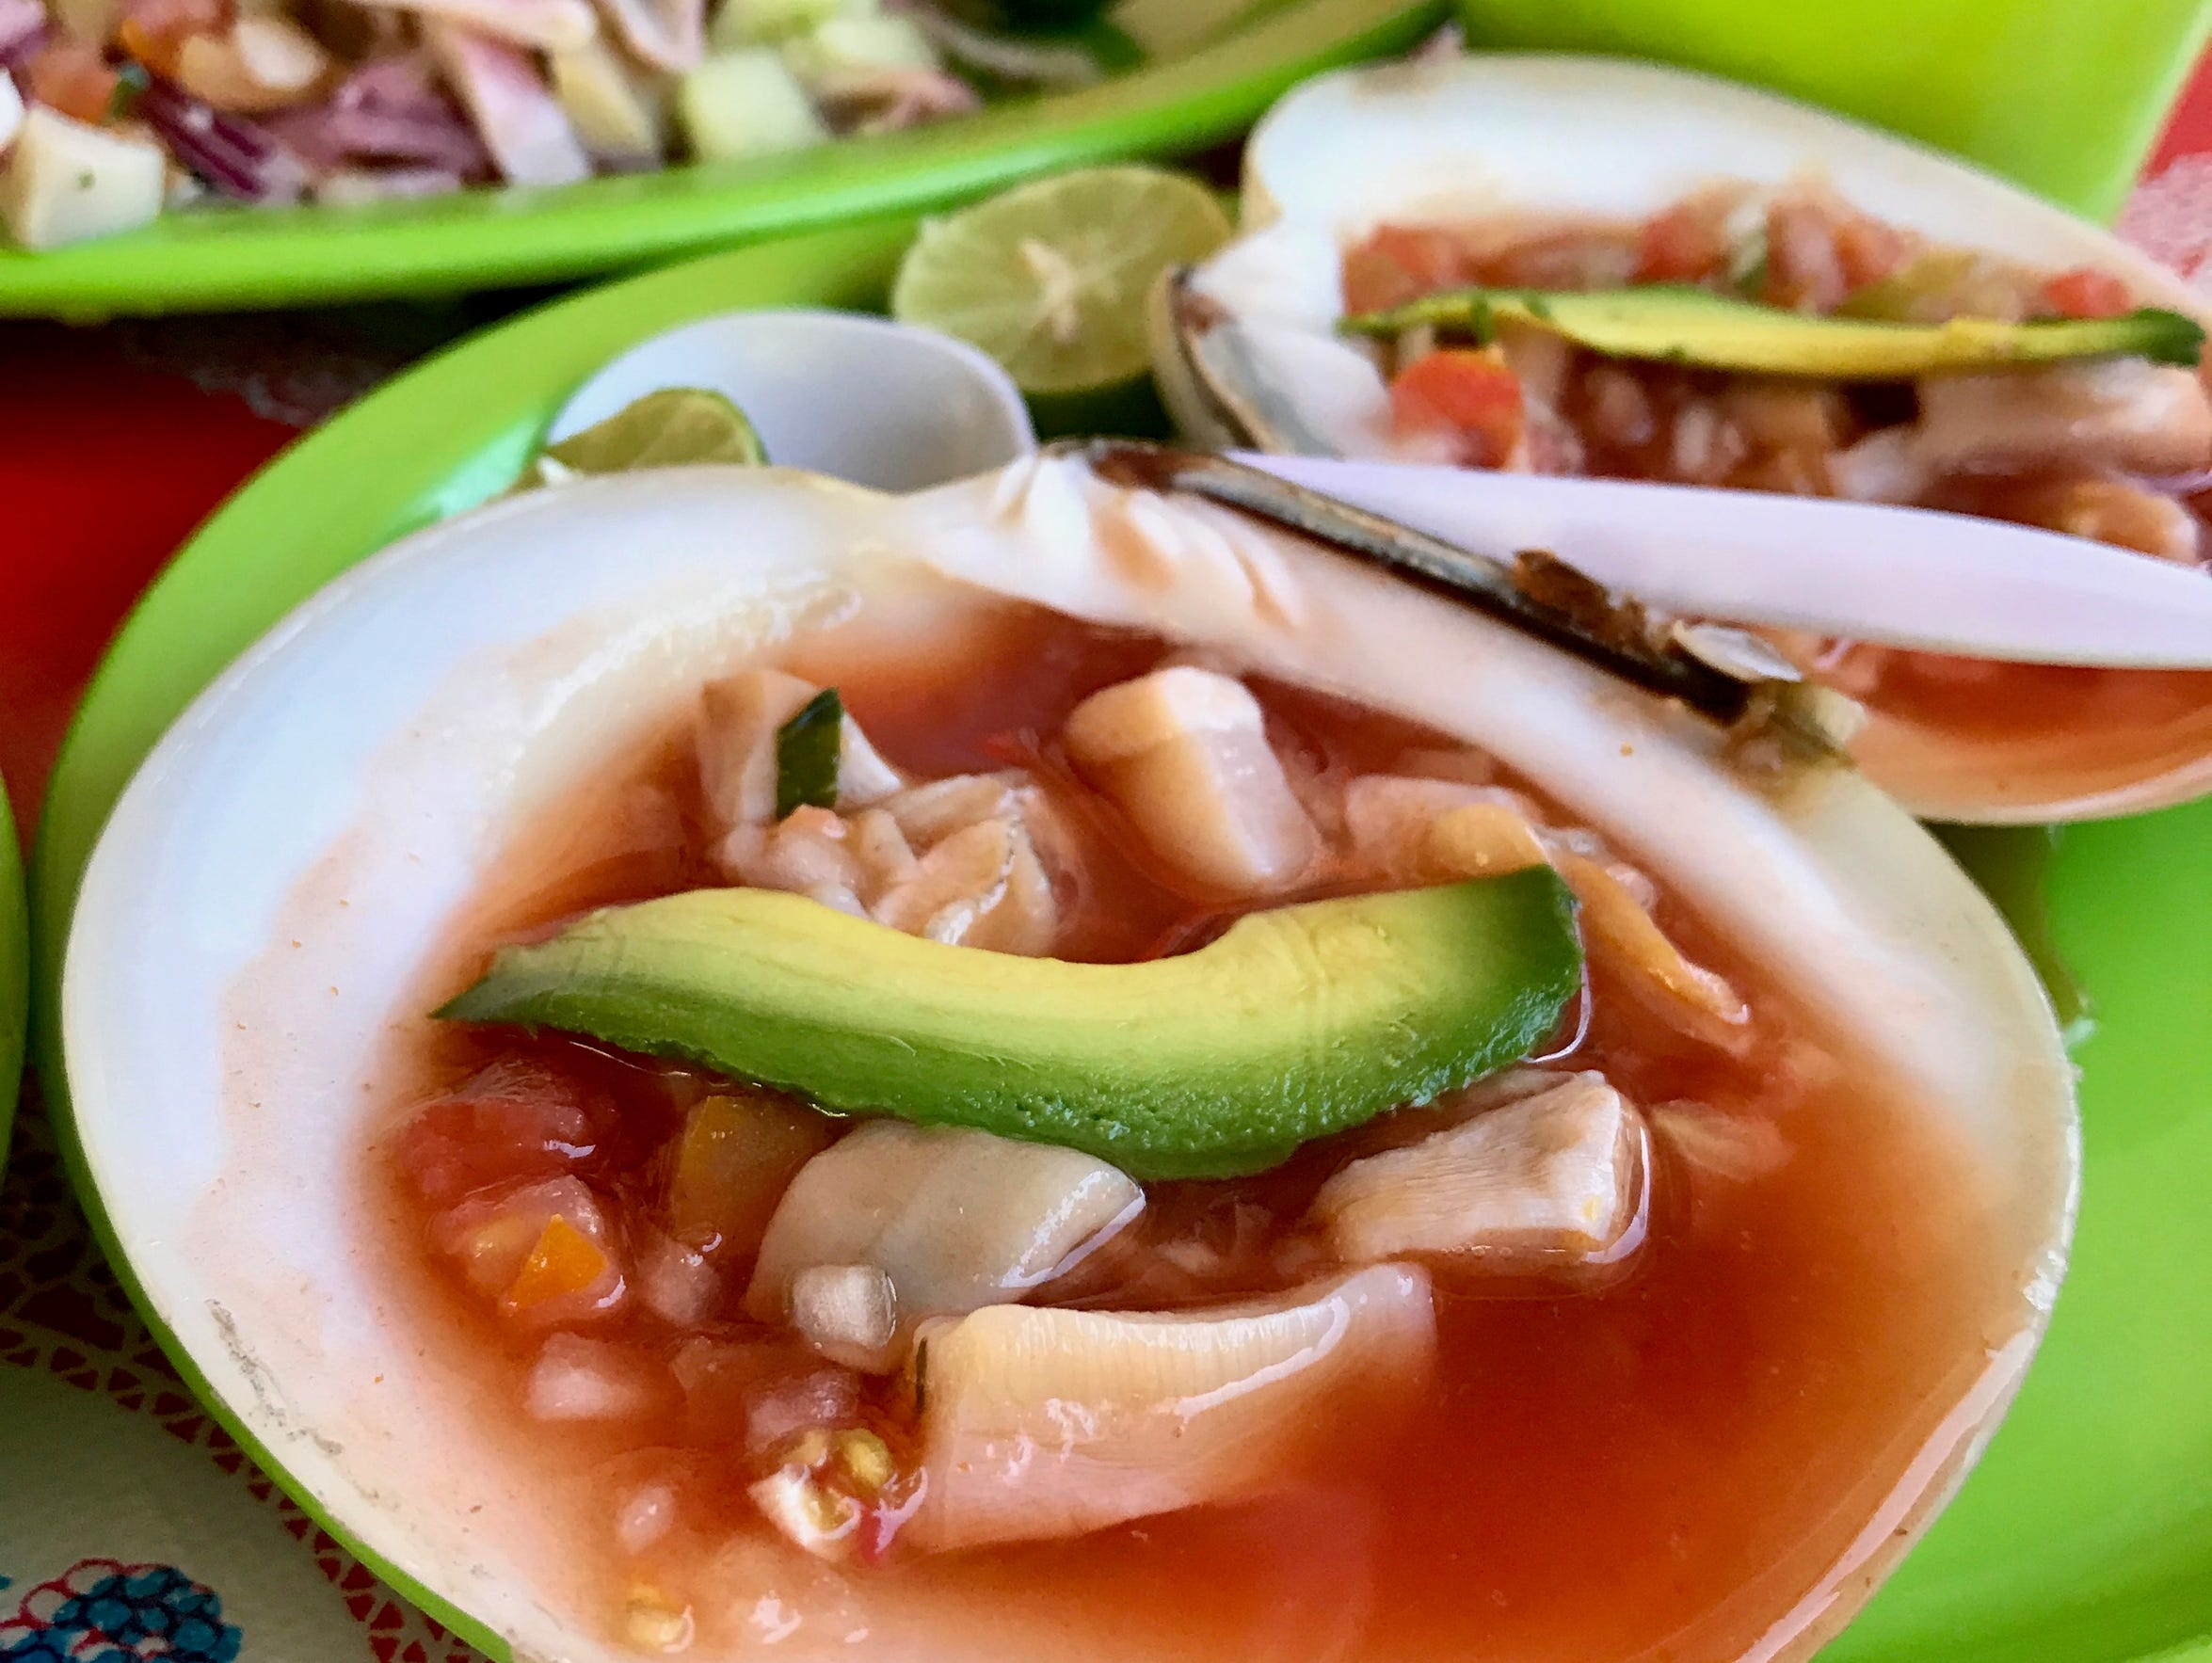 At Mariscos El Calamar Gigante, clam cocktails are